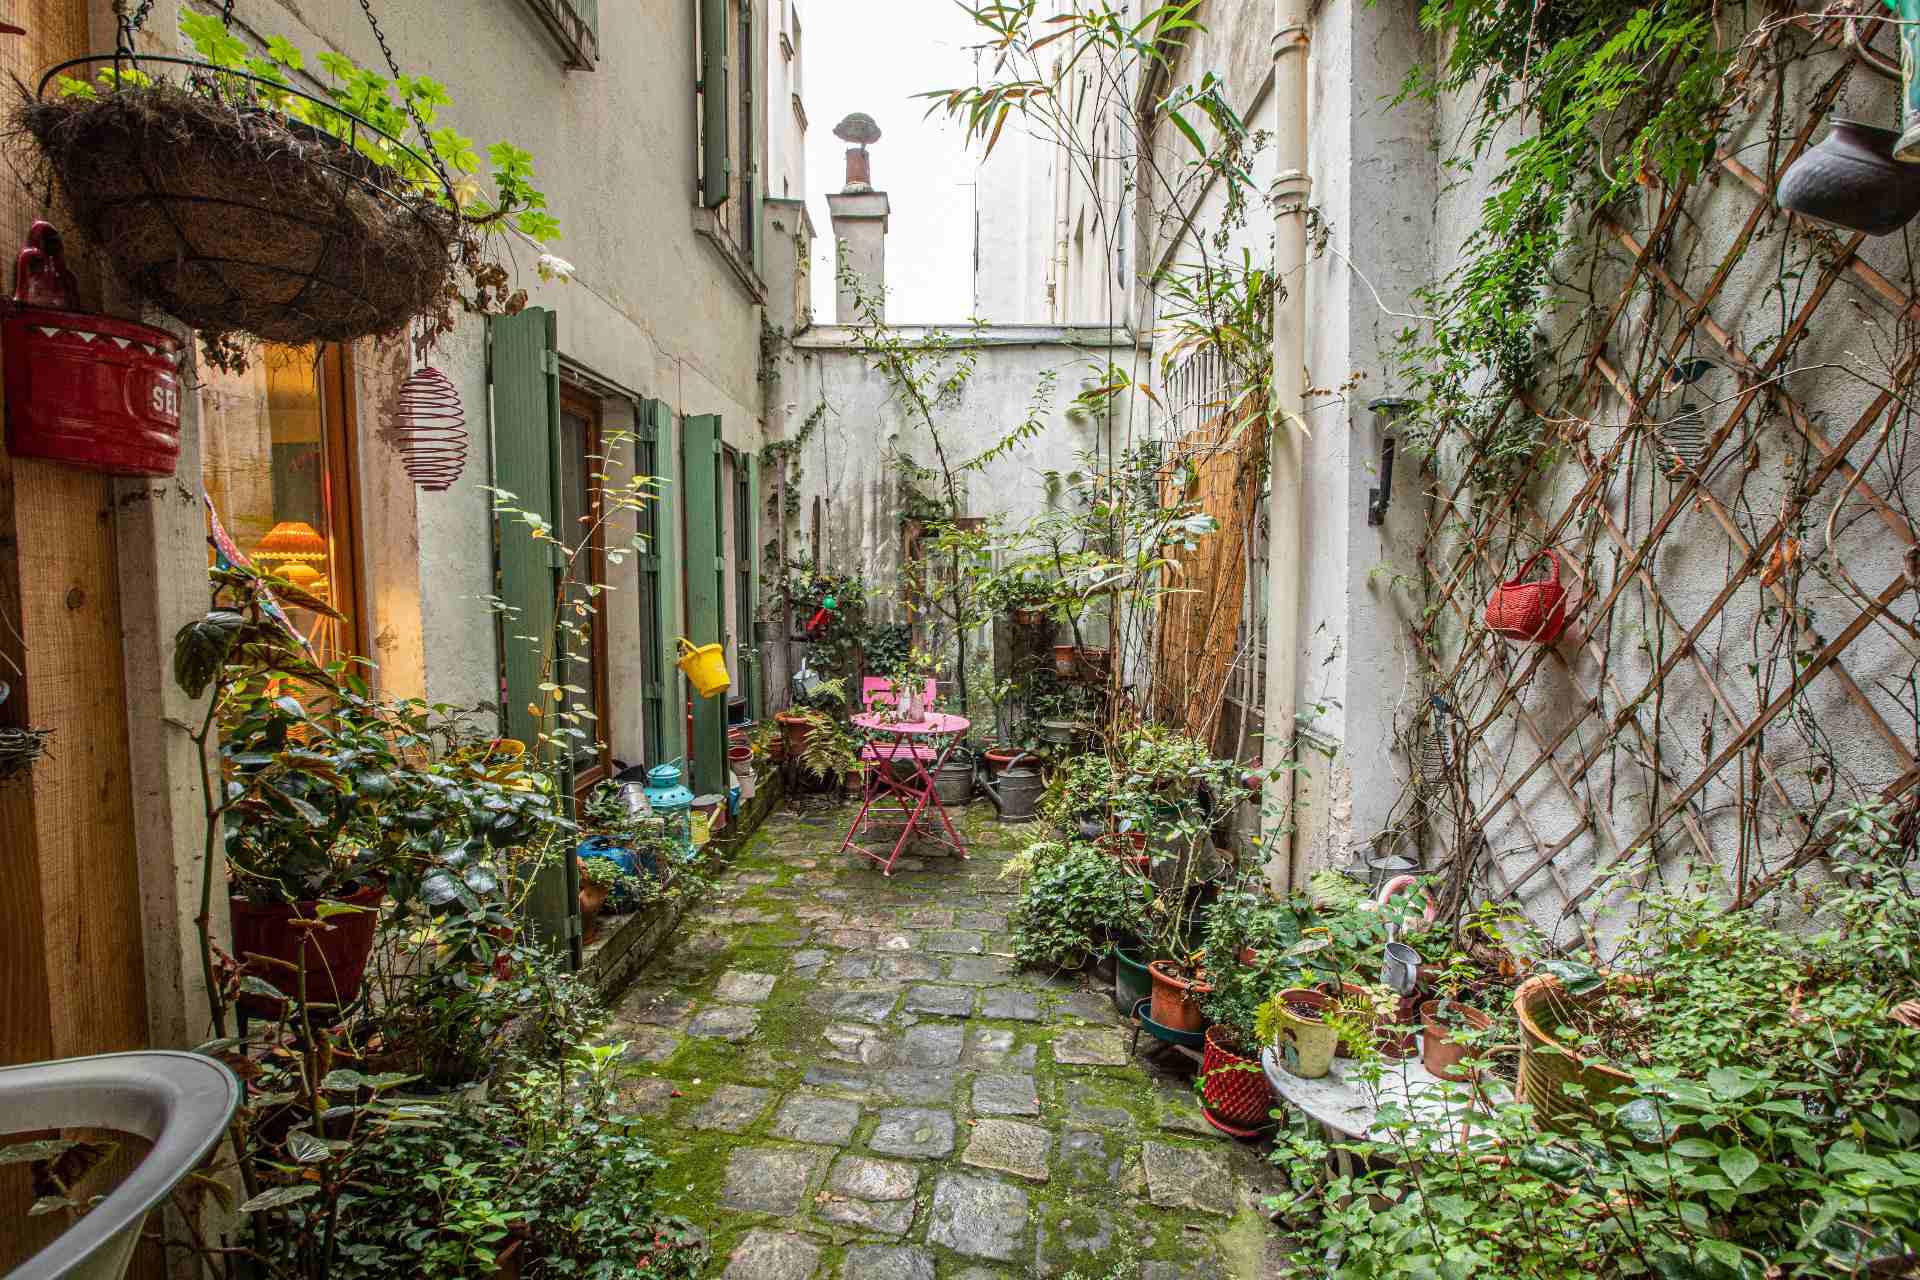 Maison de ville – Ramey / Clignancourt 1